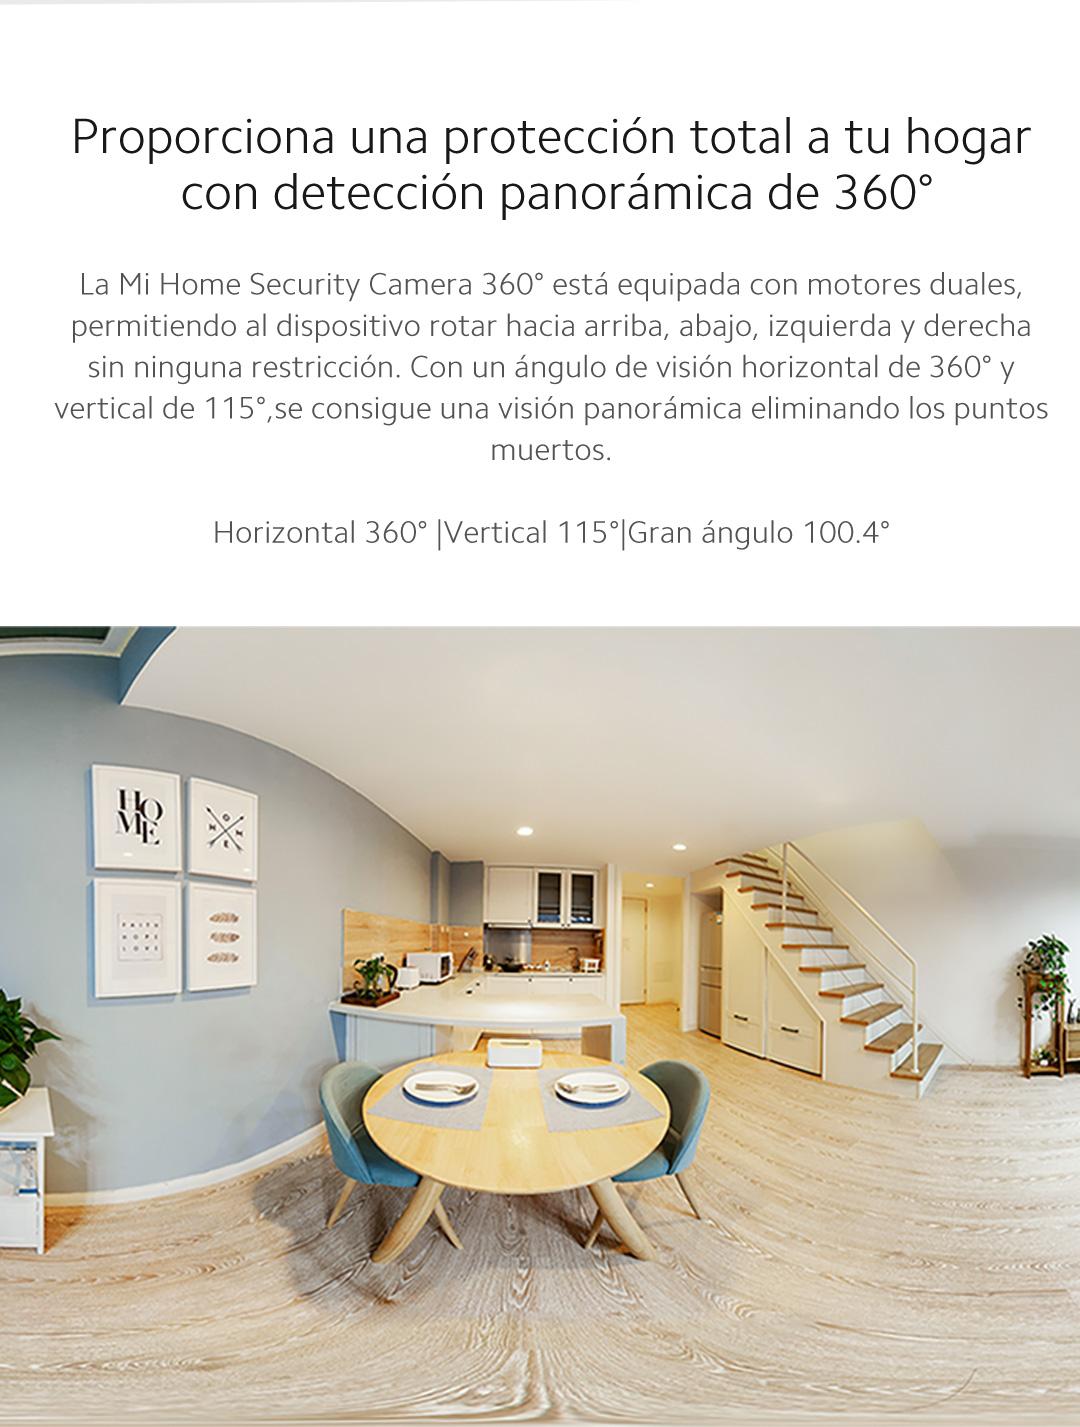 /xiaomi-mi-home-security-camera-360-1080p